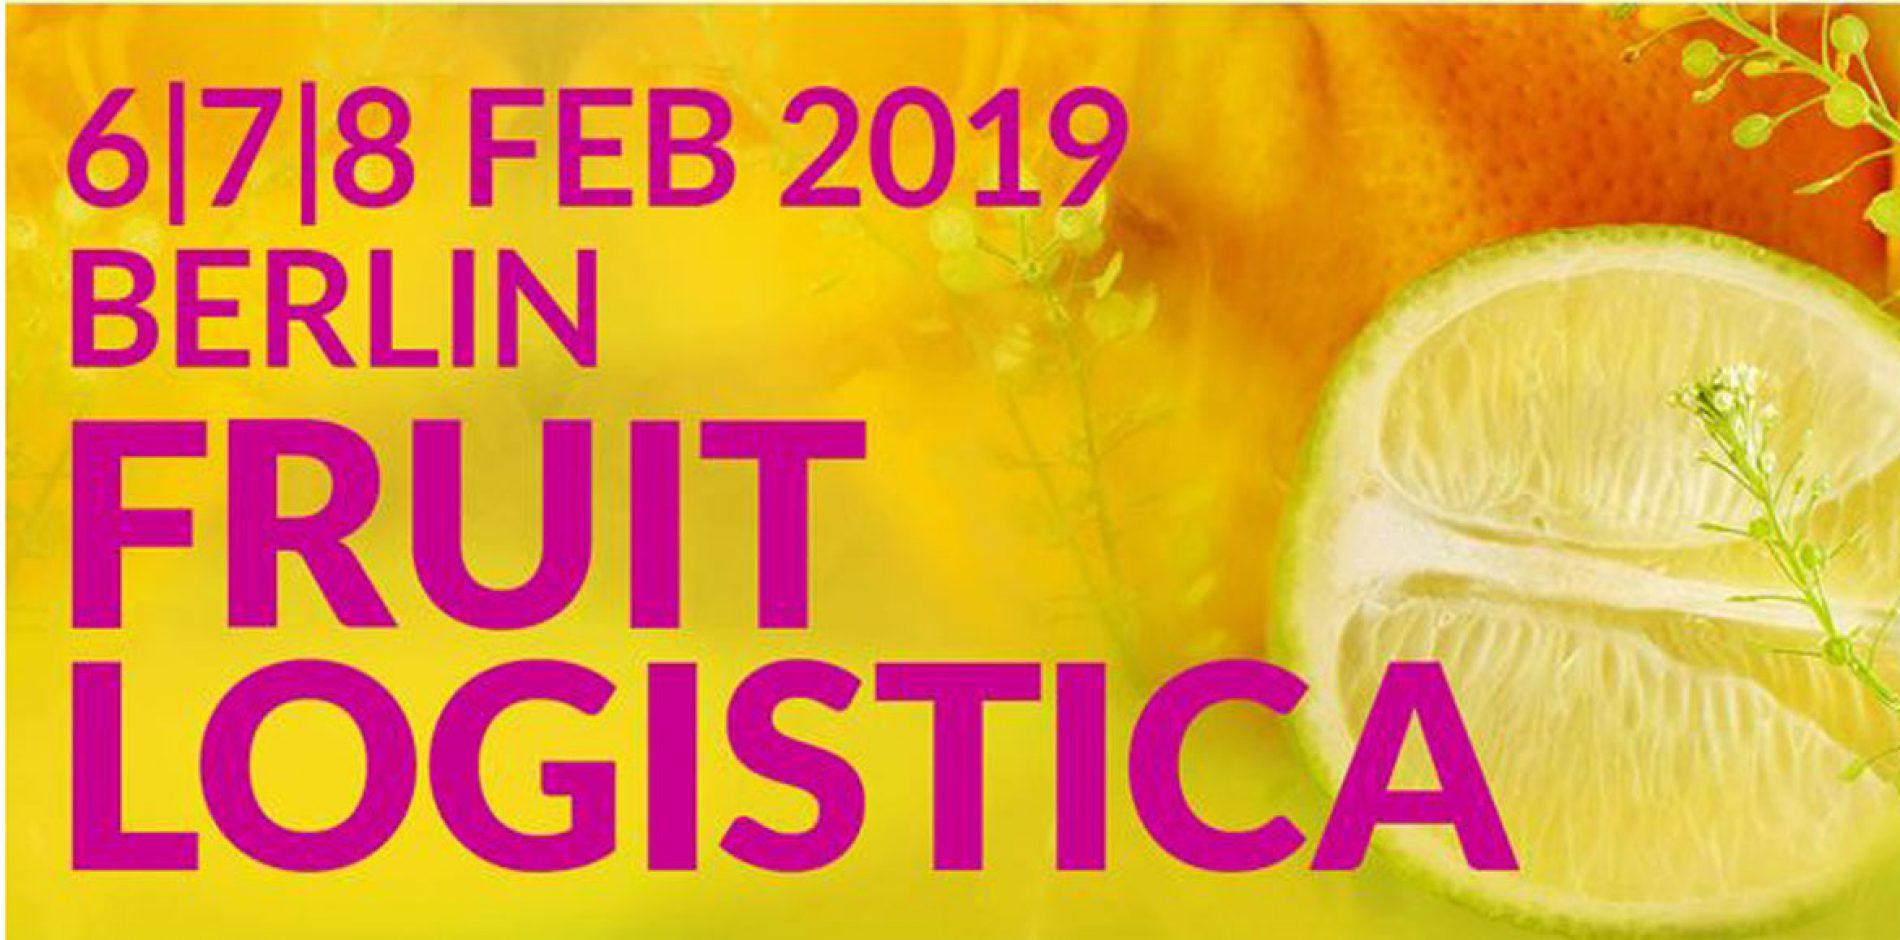 Fruit Logistica 2019 di Berlino: anche Generazione Vincente alla grande fiera internazionale ortofrutticola